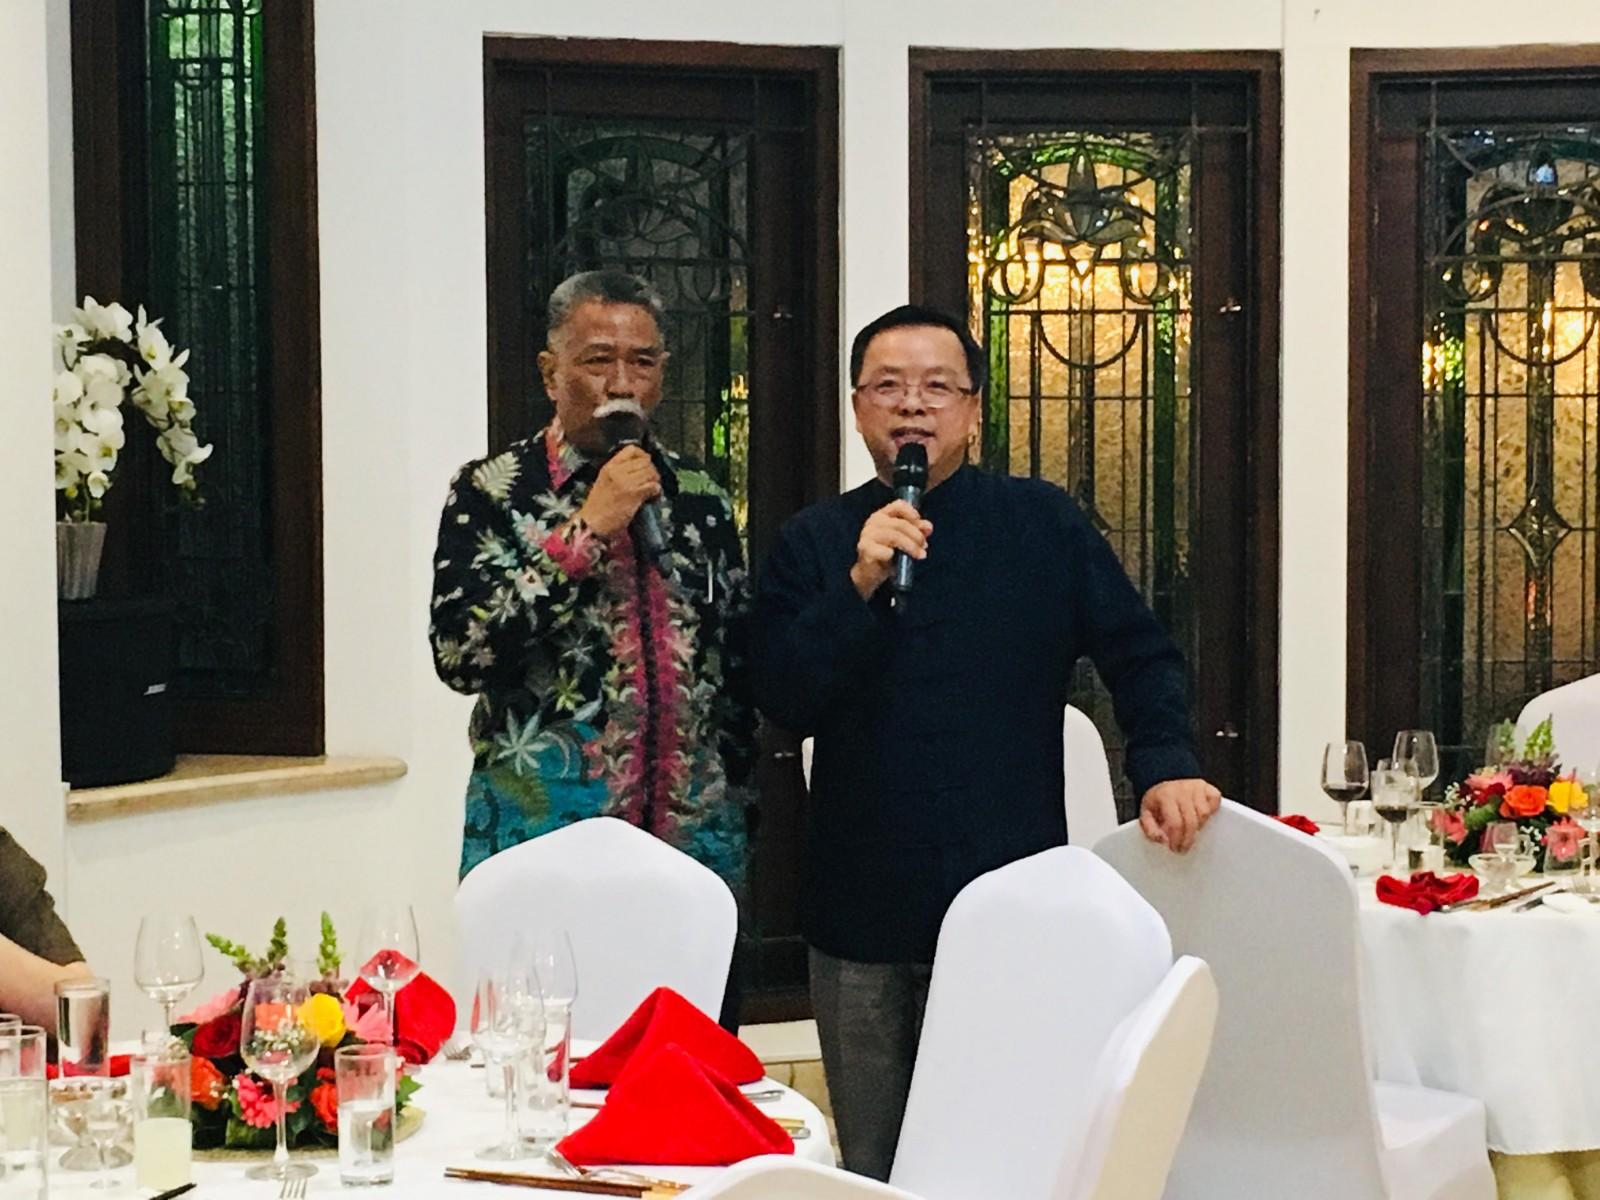 中国驻东盟大使黄溪连为东盟副秘书长穆赫坦举办离任招待会